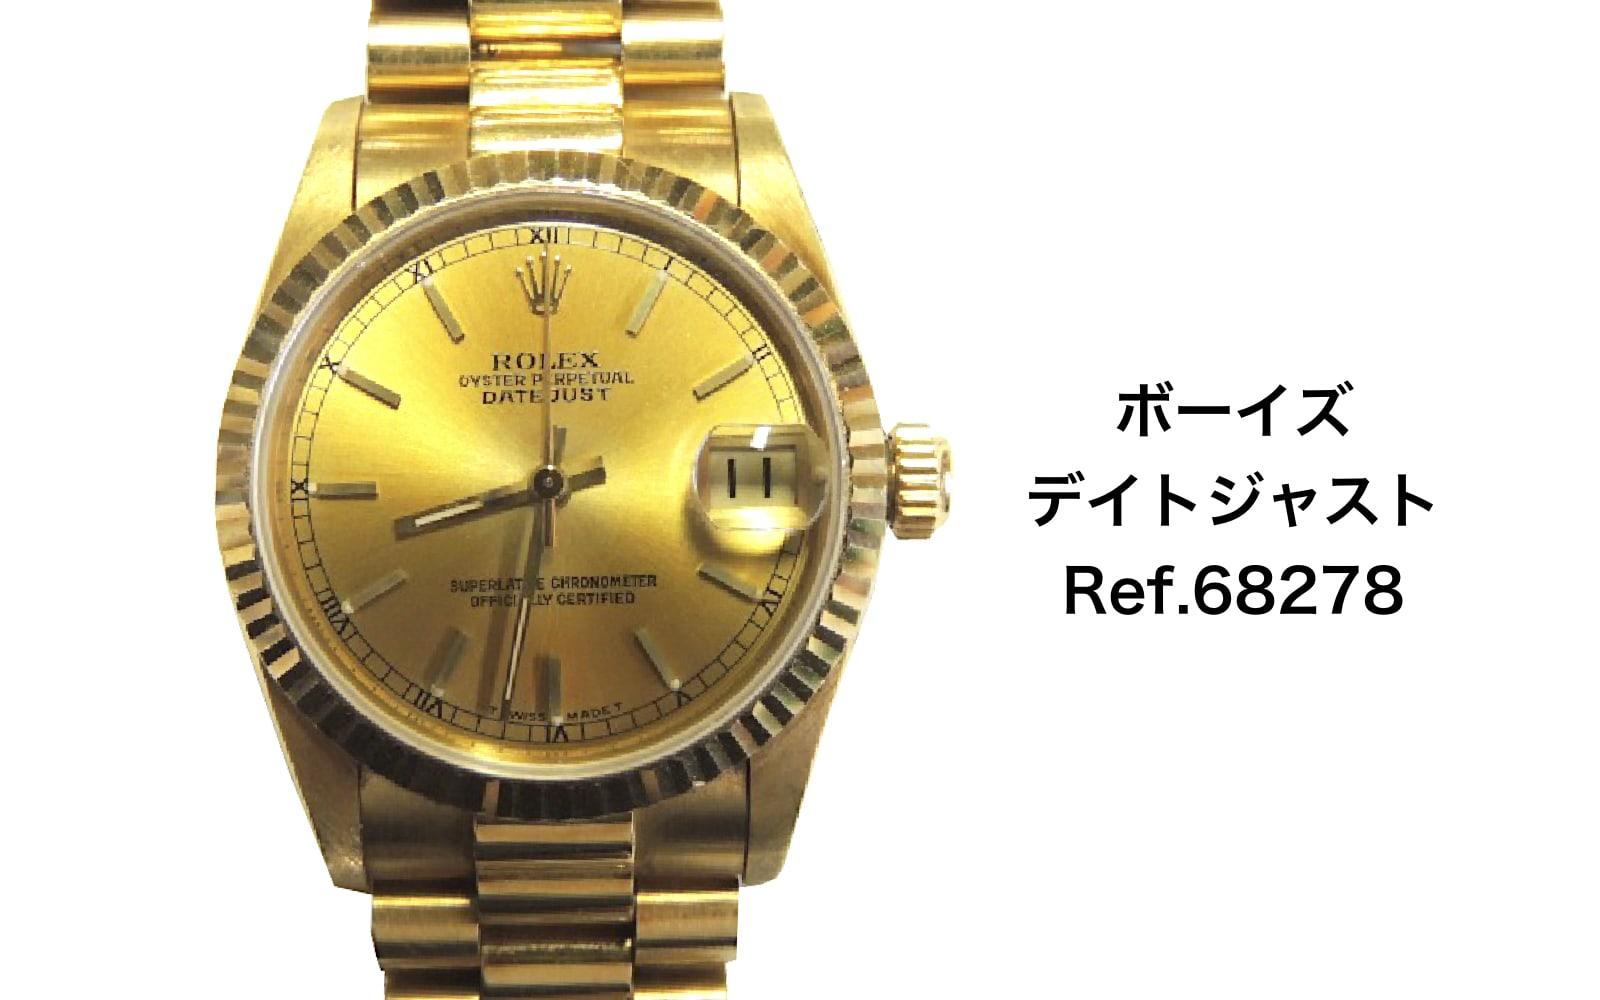 ロレックス 時計 金色